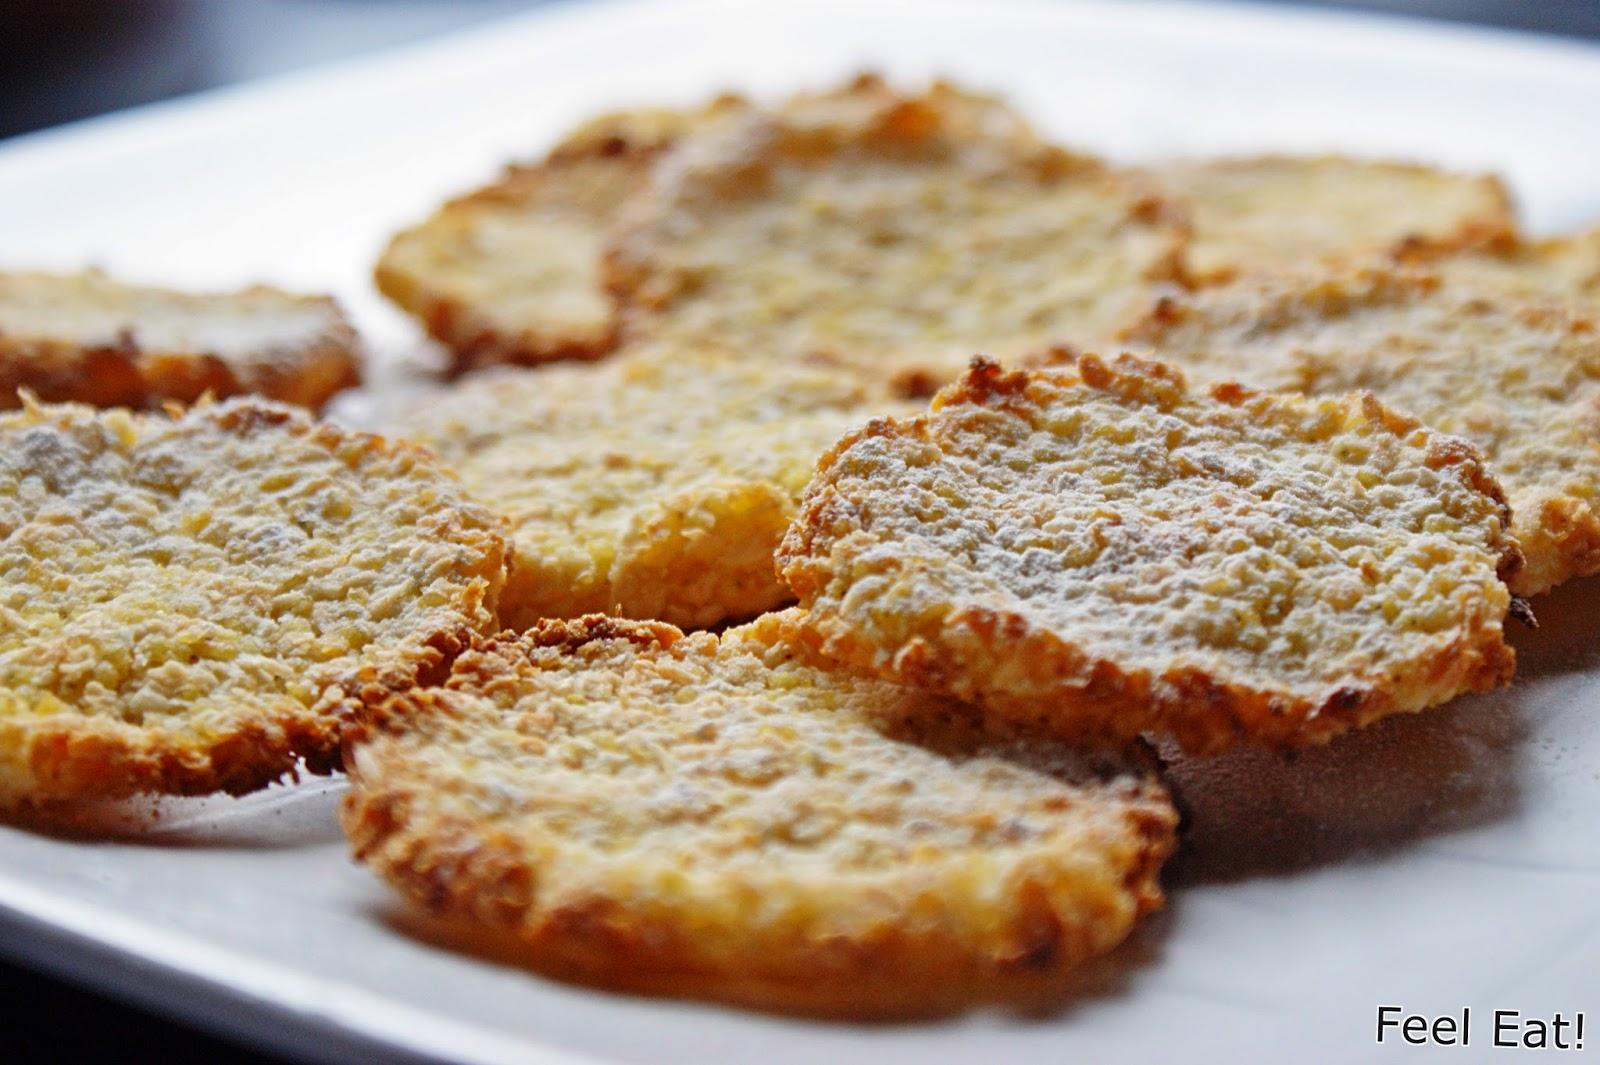 DSC07137 - Dietetyczne wege ciasteczka z kaszy jaglanej i wiórków kokosowych (bez jajek)